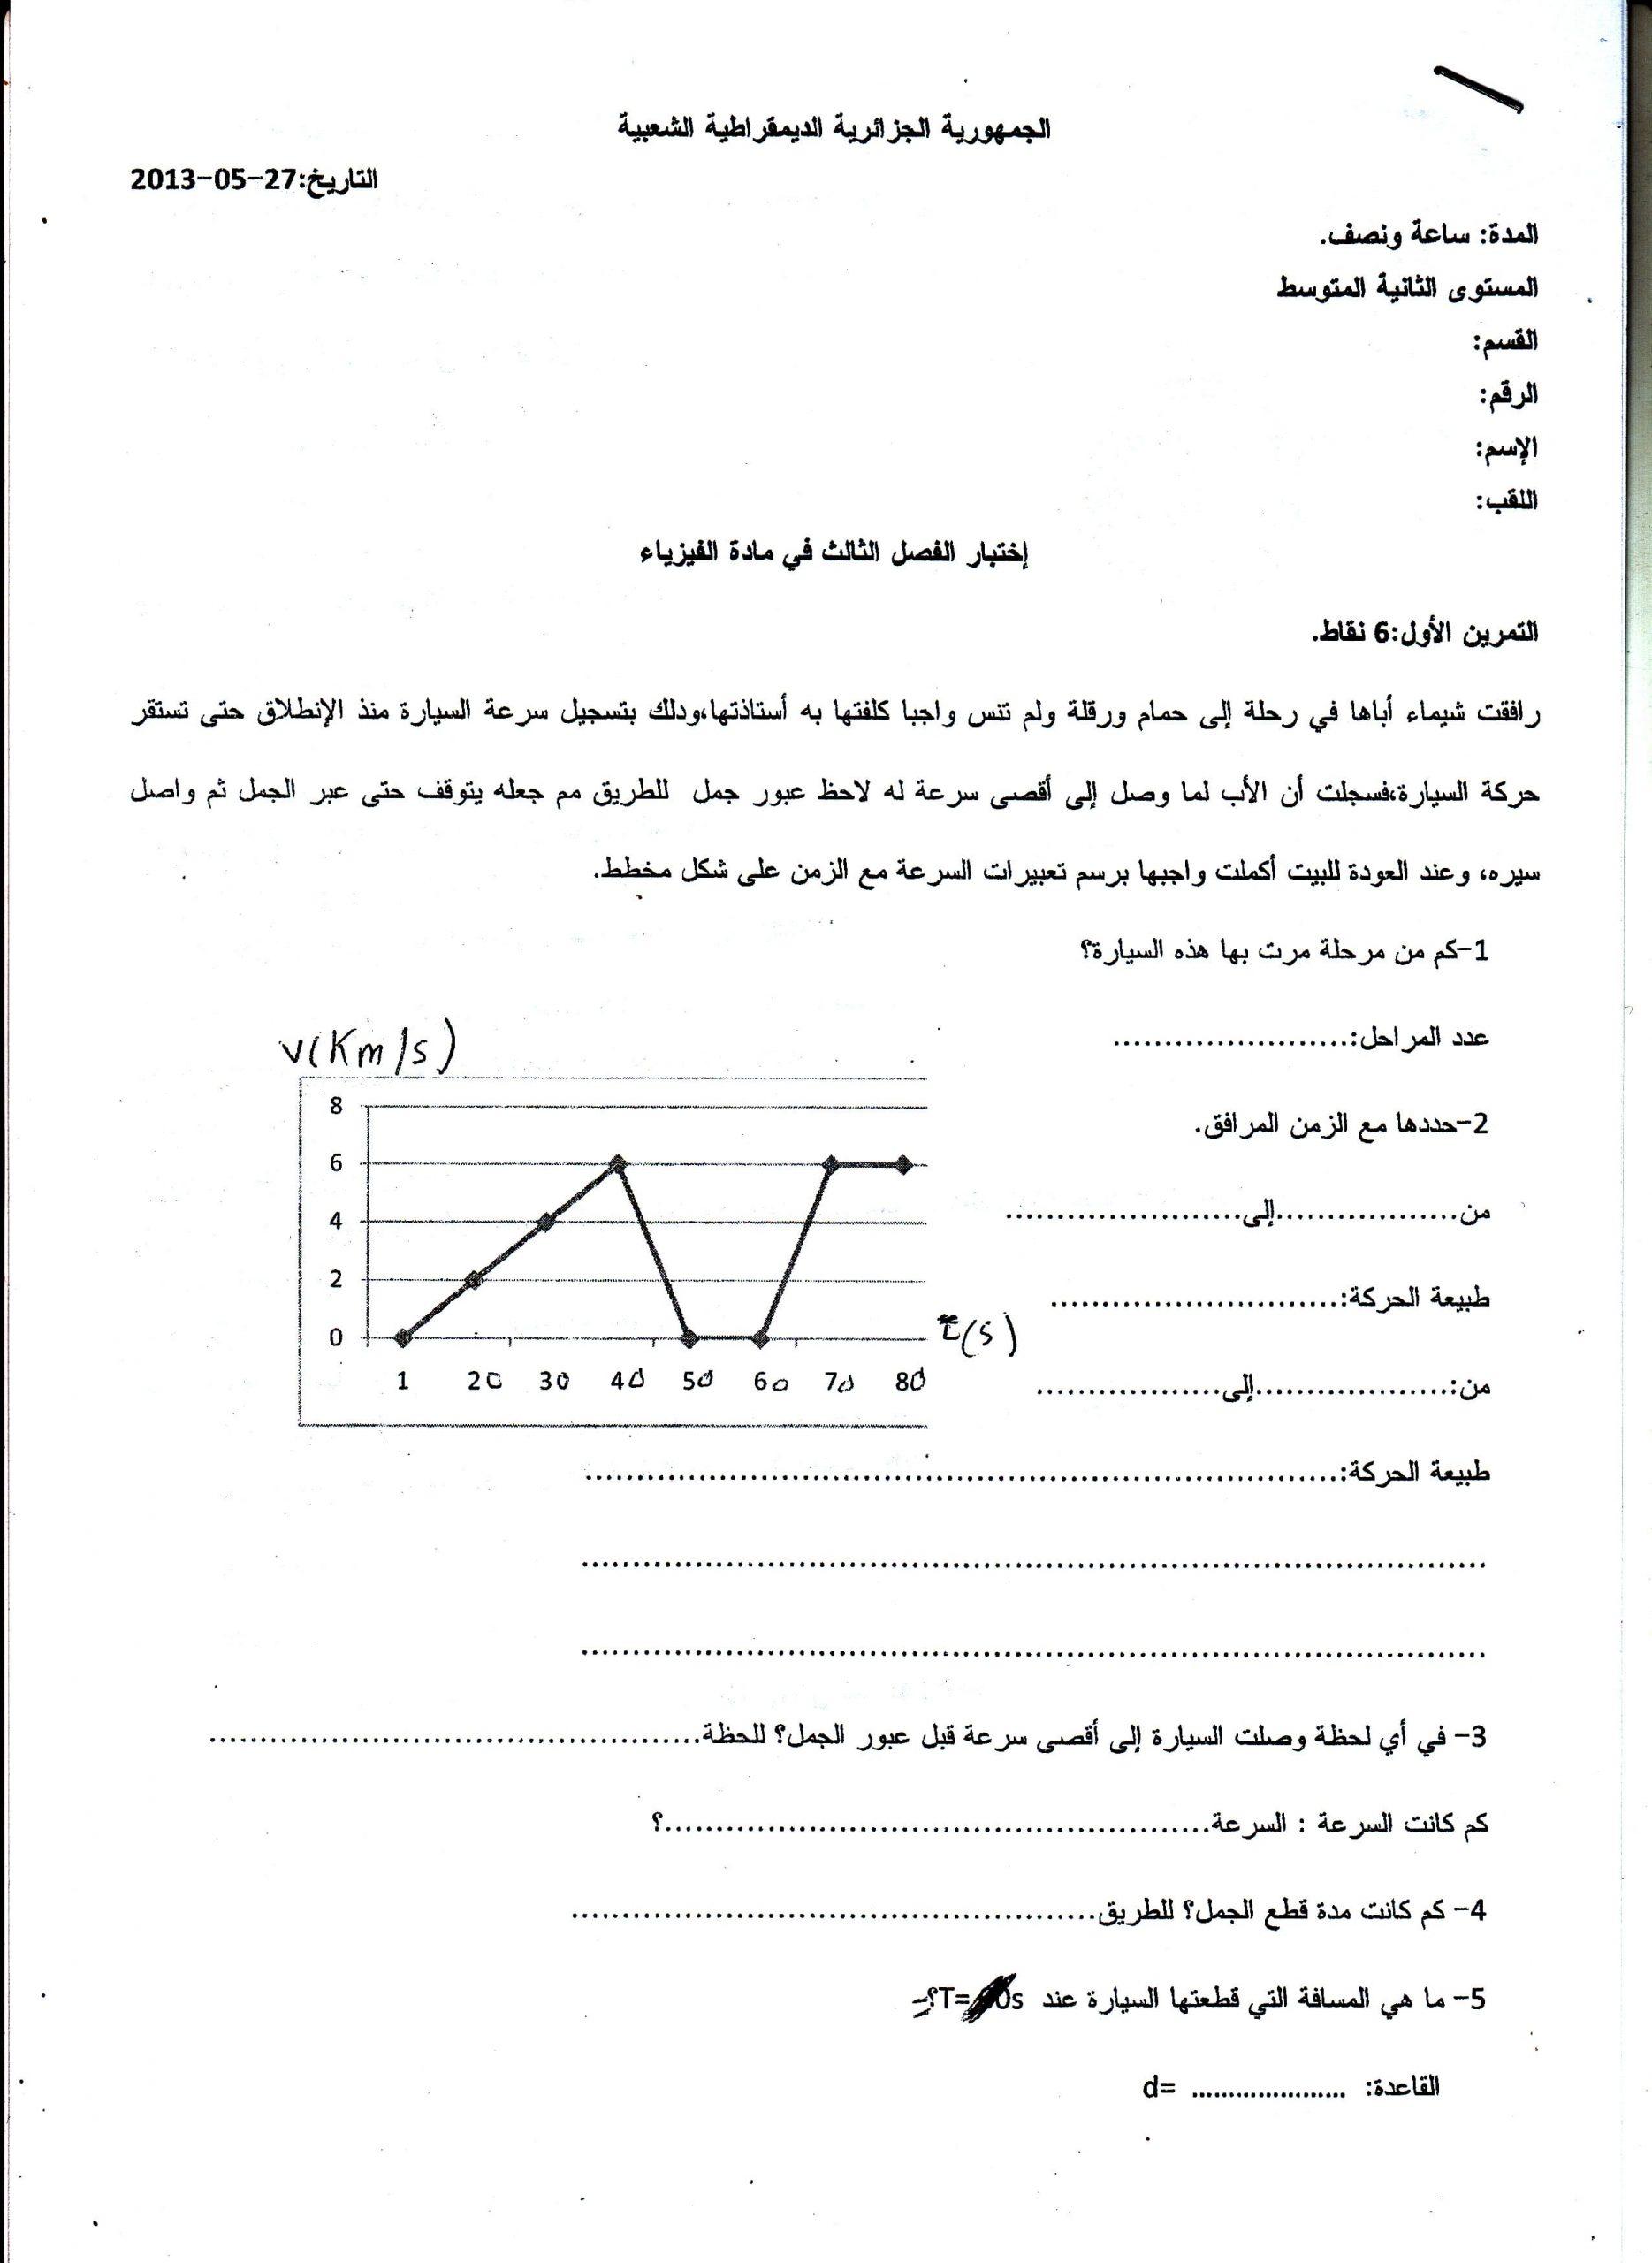 اختبار الفصل الثالث في العلوم الفيزيائية السنة الثانية متوسط - الموضوع 03